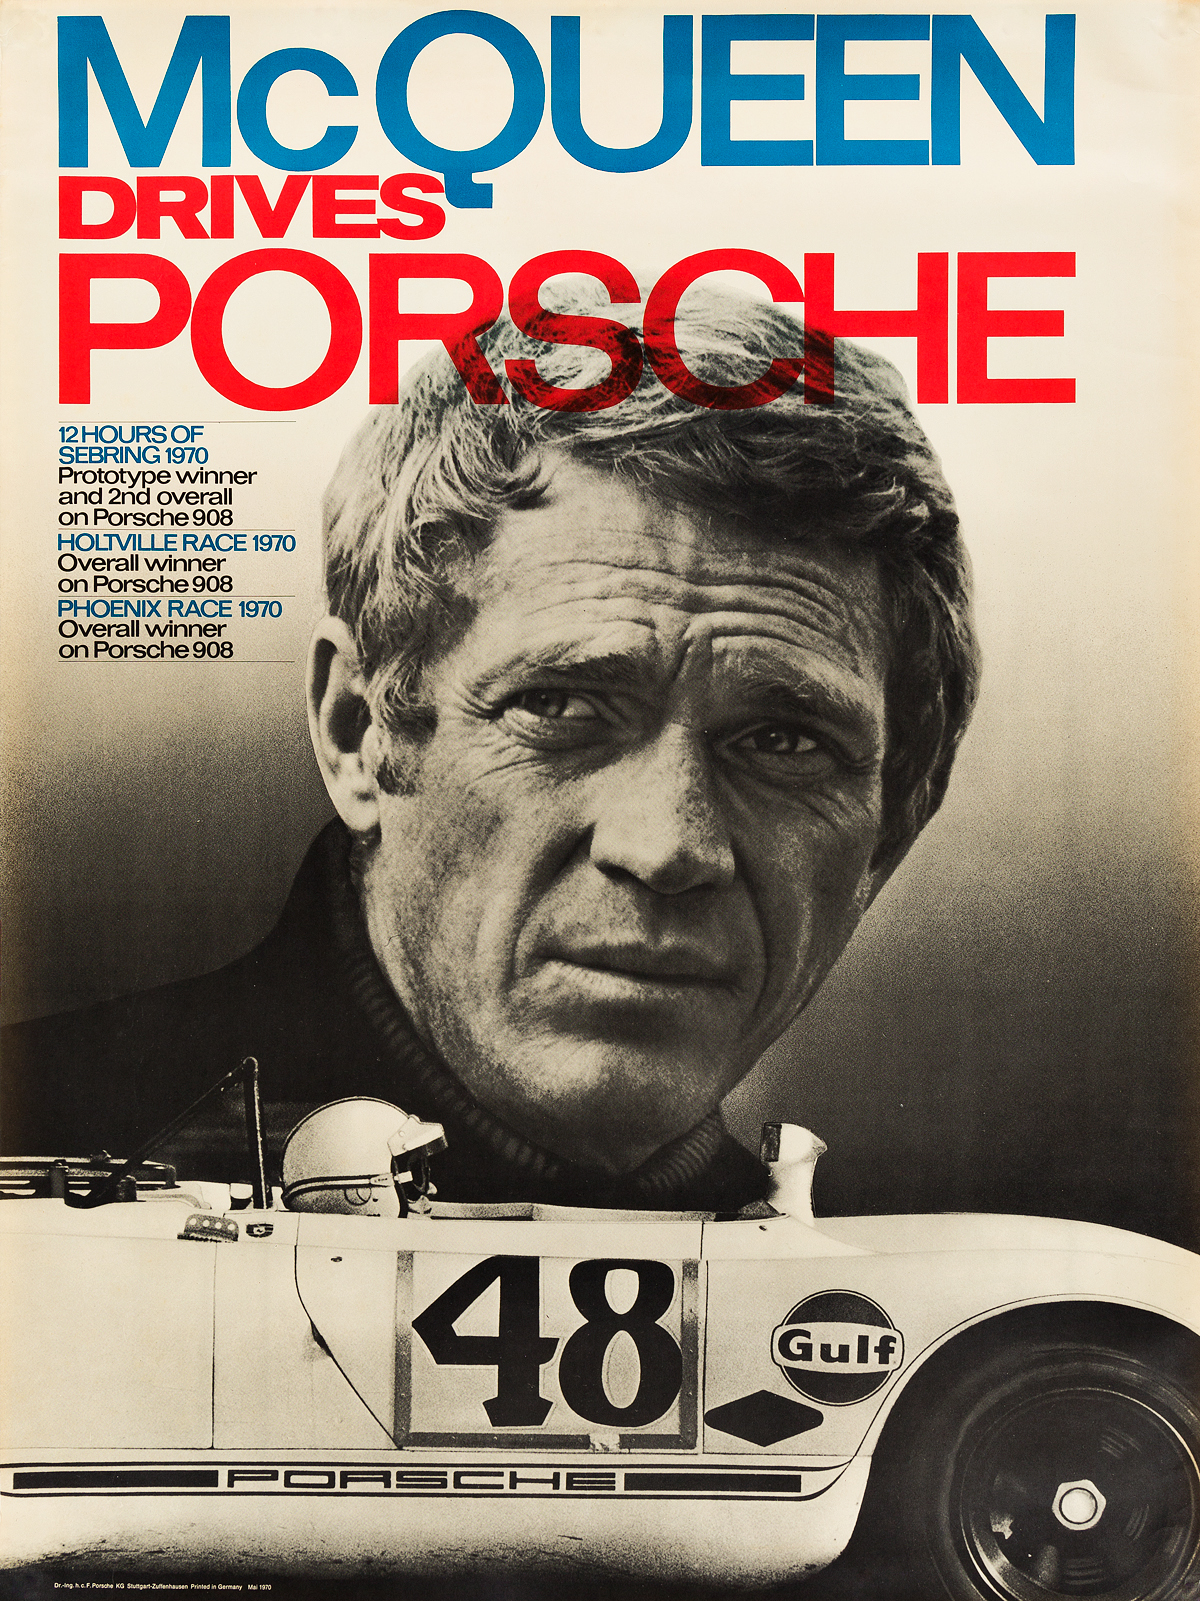 DESIGNER UNKNOWN. MCQUEEN DRIVES PORSCHE. 1970. 39x29 inches, 100x75 cm. F. Porsche, Stuttgart.